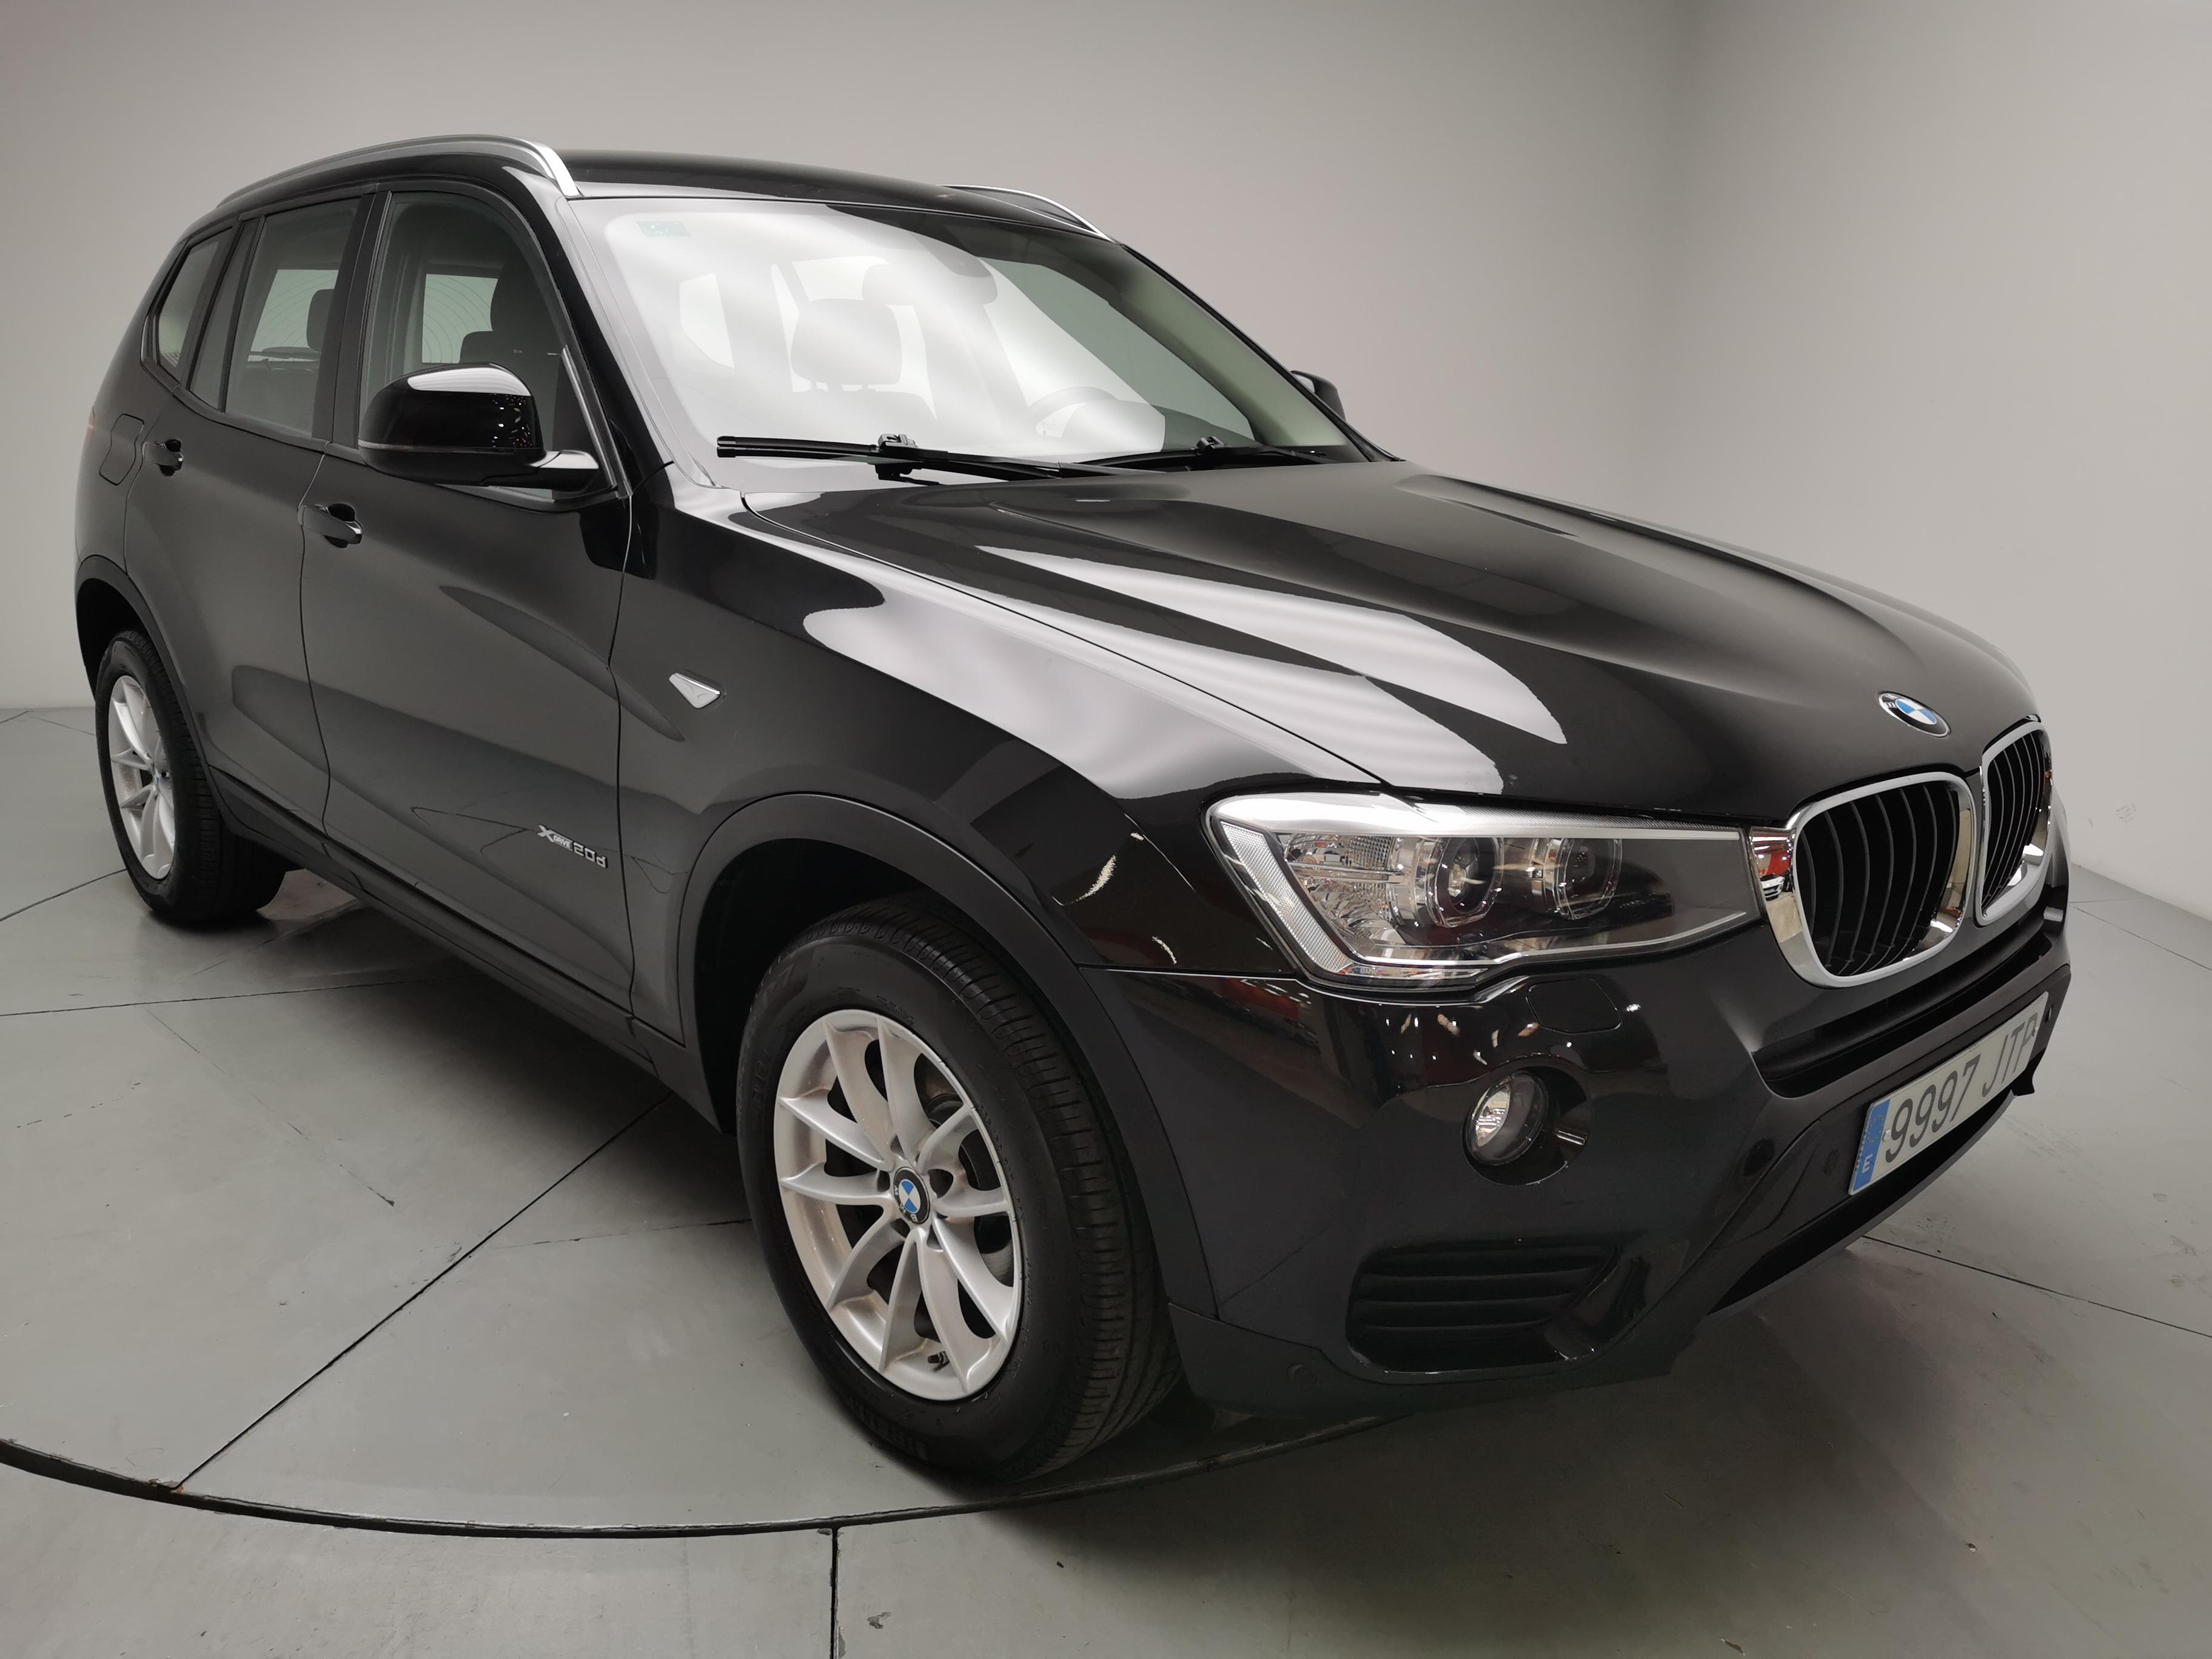 BMW X3 ocasión segunda mano 2016 Diésel por 26.900€ en Málaga